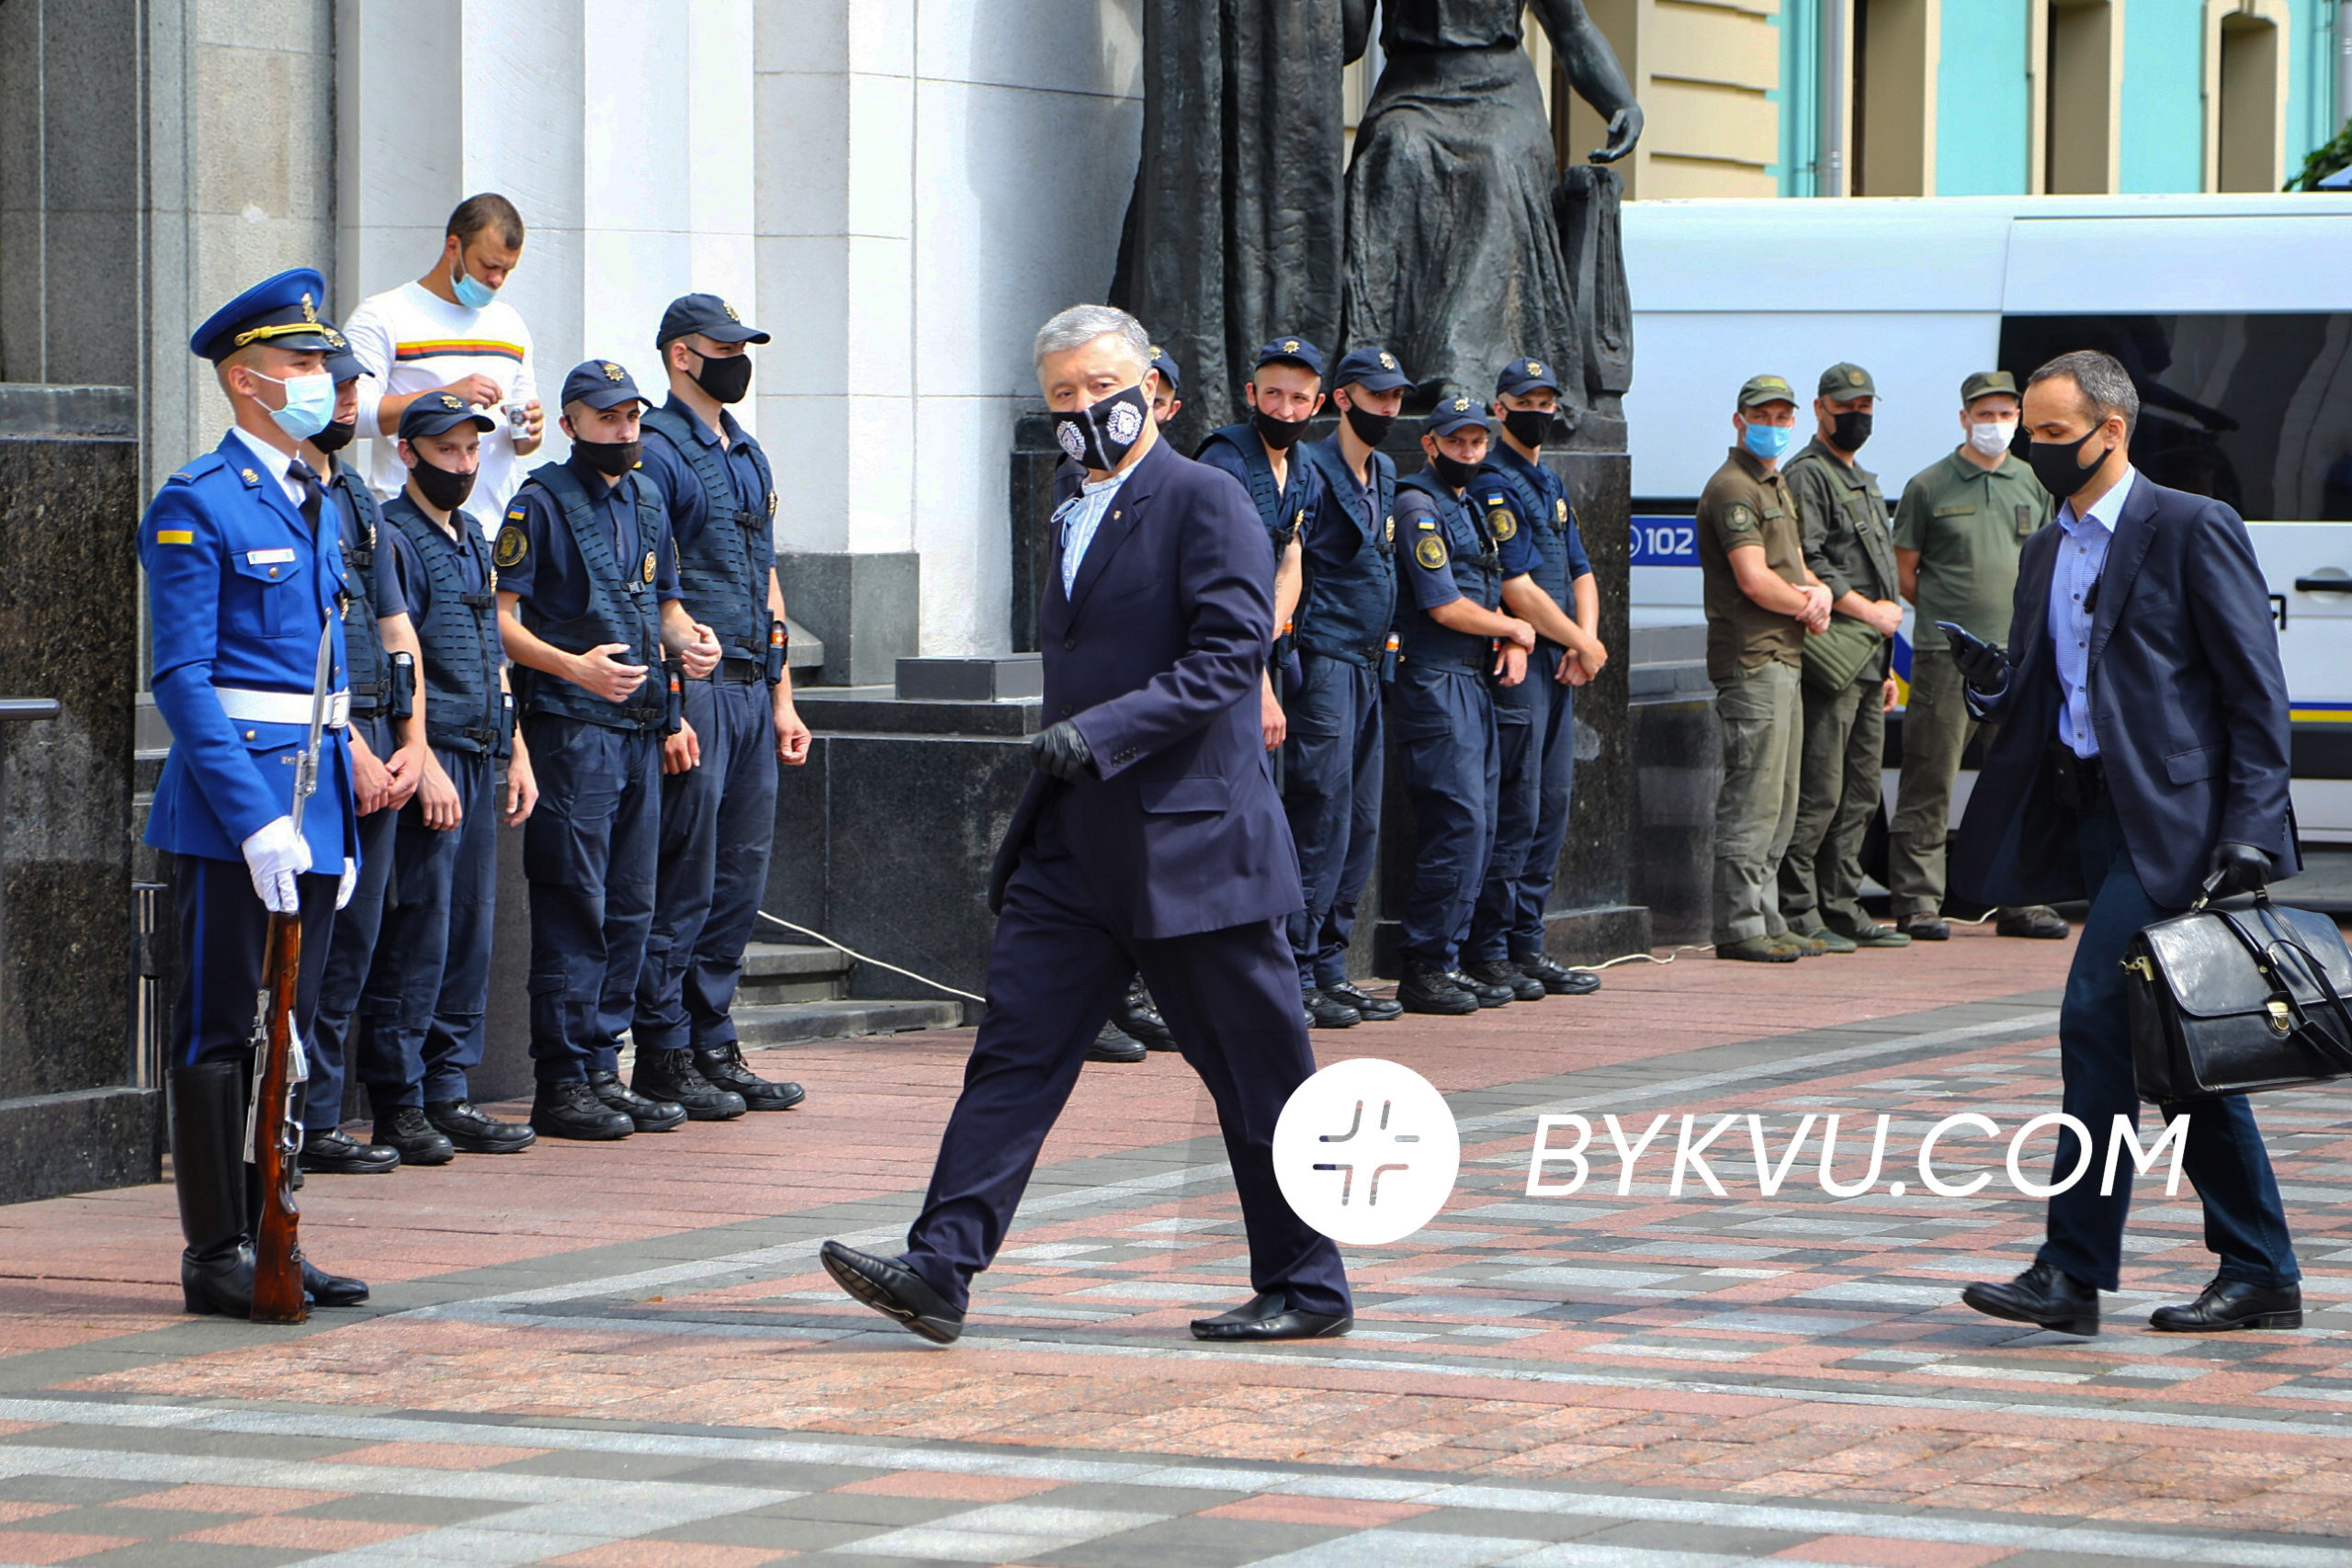 законопроєкт Бужанского